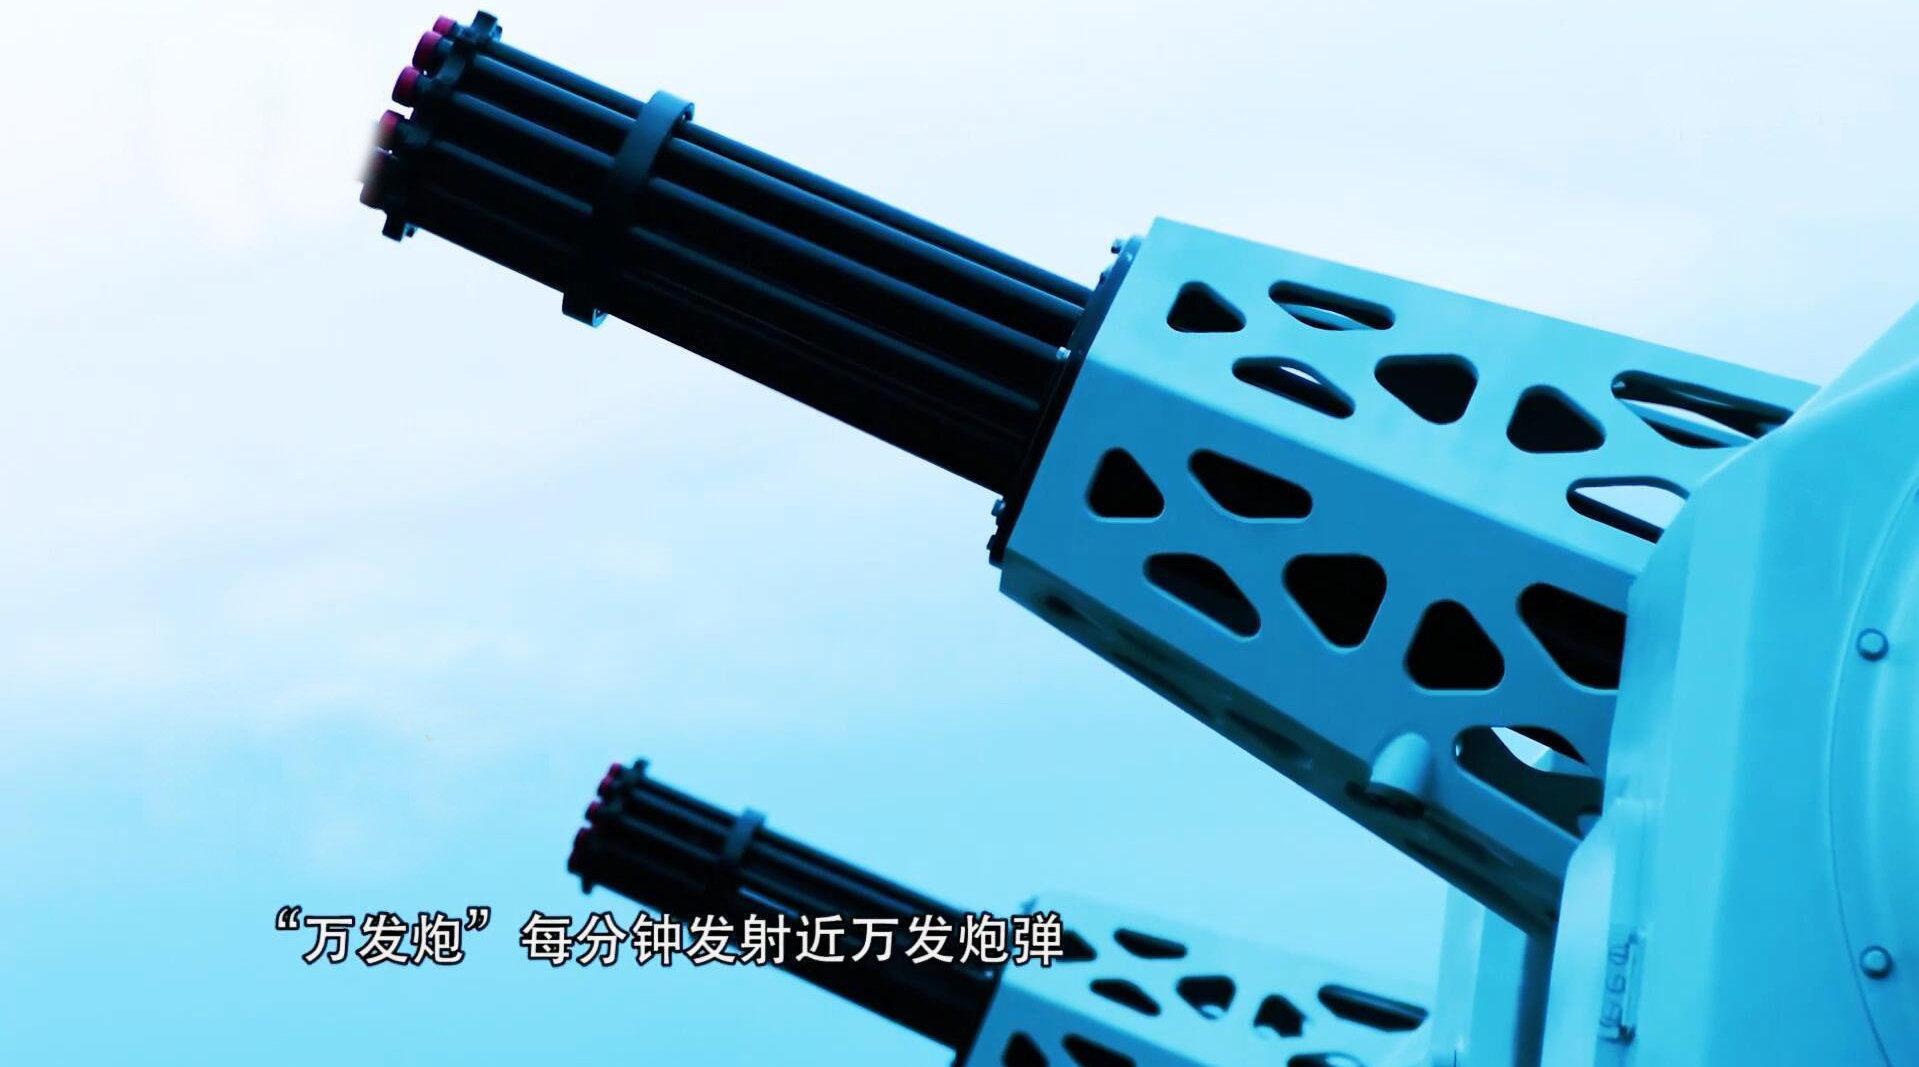 新中国70周年阅兵,舰载防空武器方队的亮相,见证人民海军的跨越